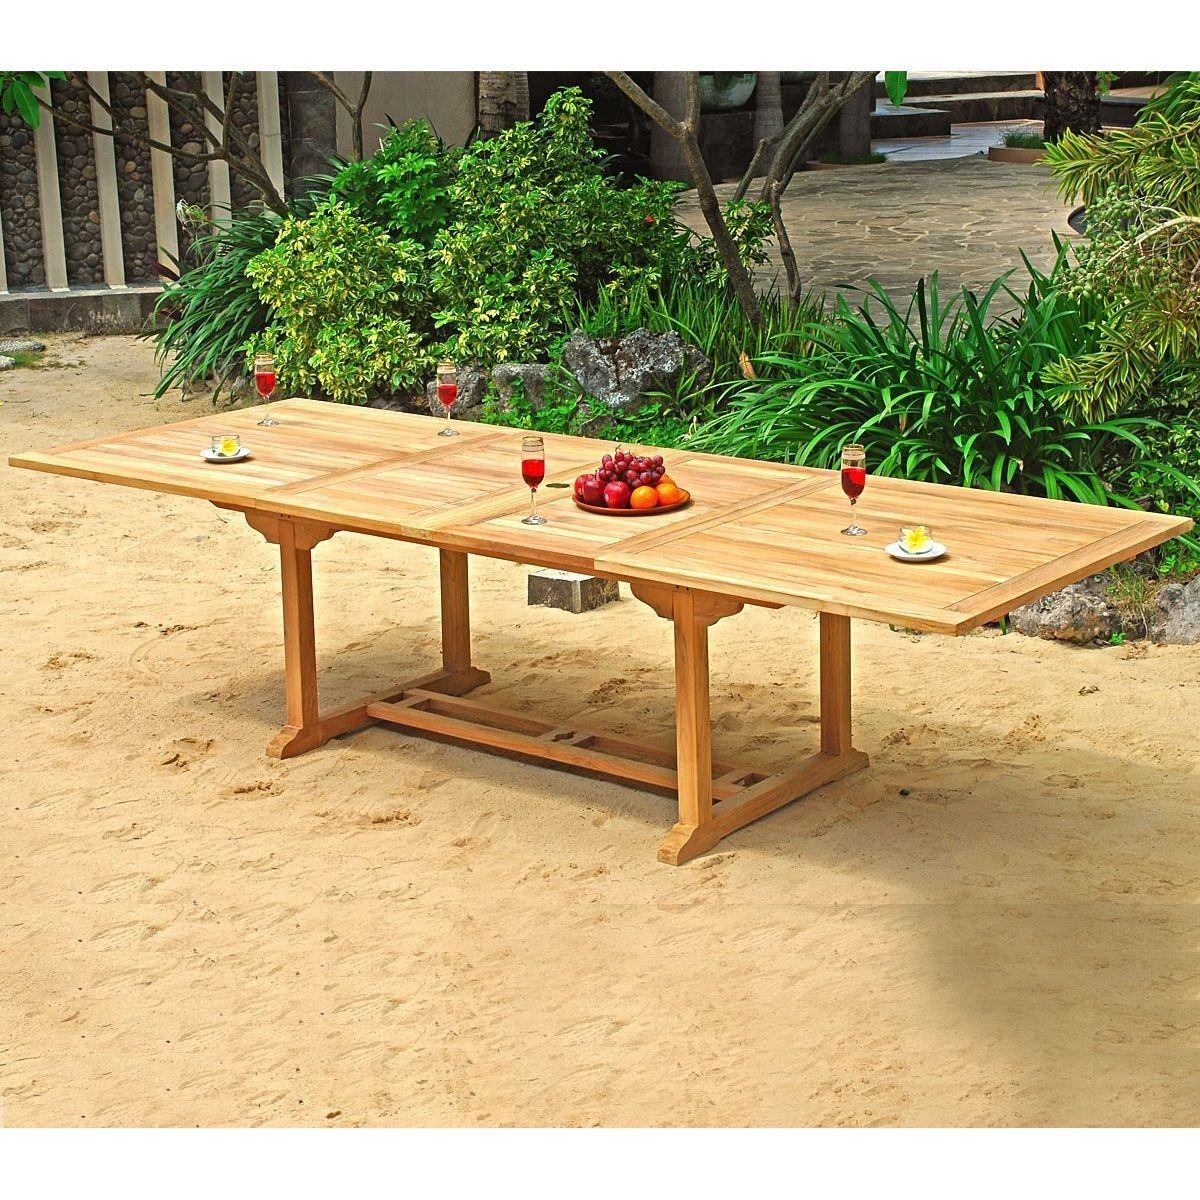 Table De Jardin Xxl En Teck Brut - Double Rallonge Papillon ... destiné Table De Jardin Xxl